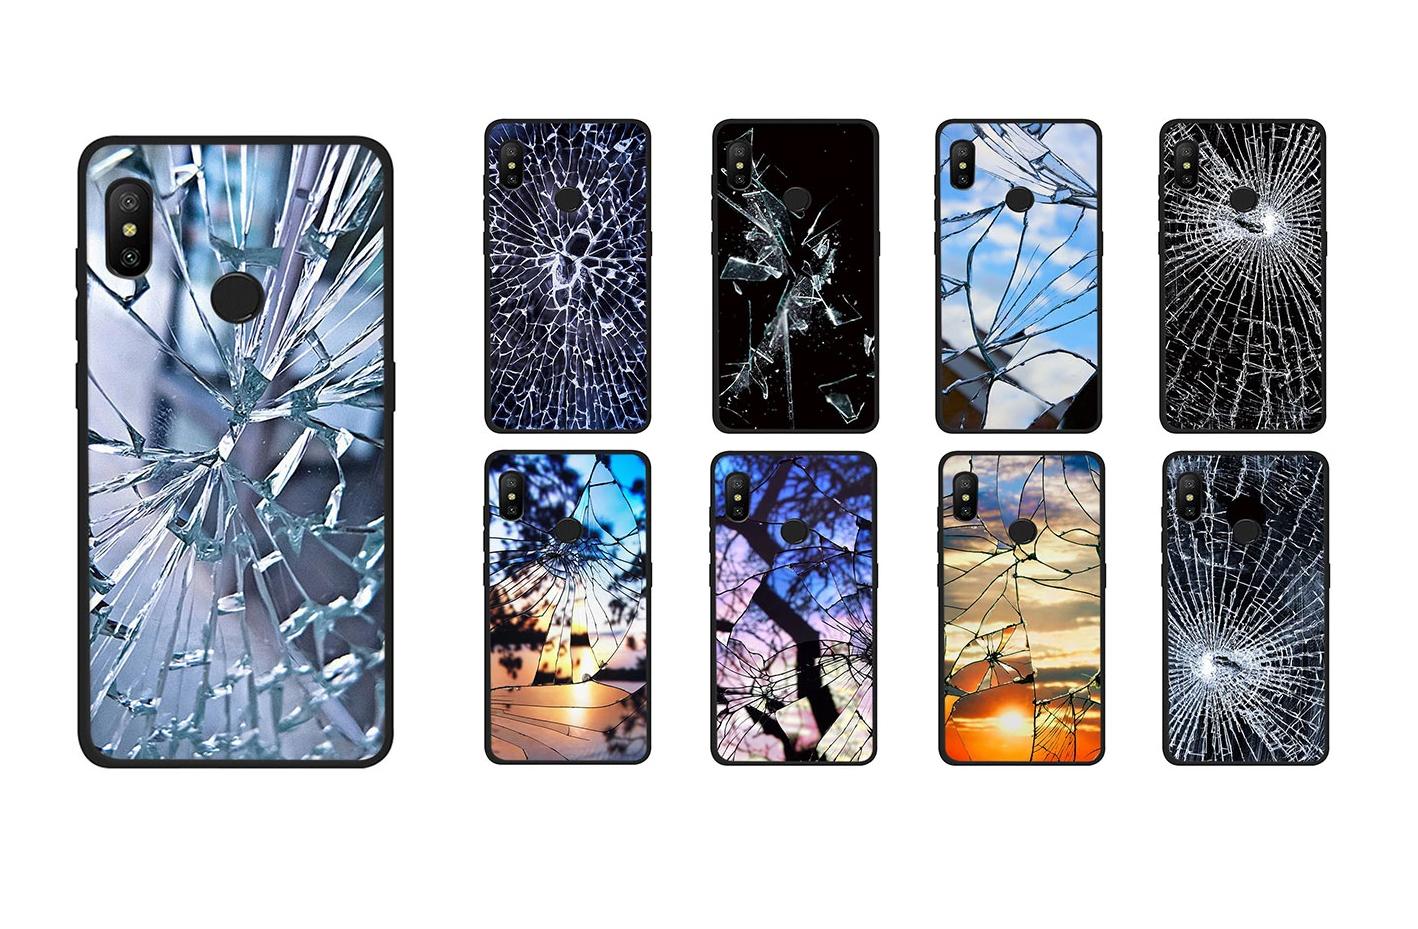 чехол для смартфона в виде битого стекла